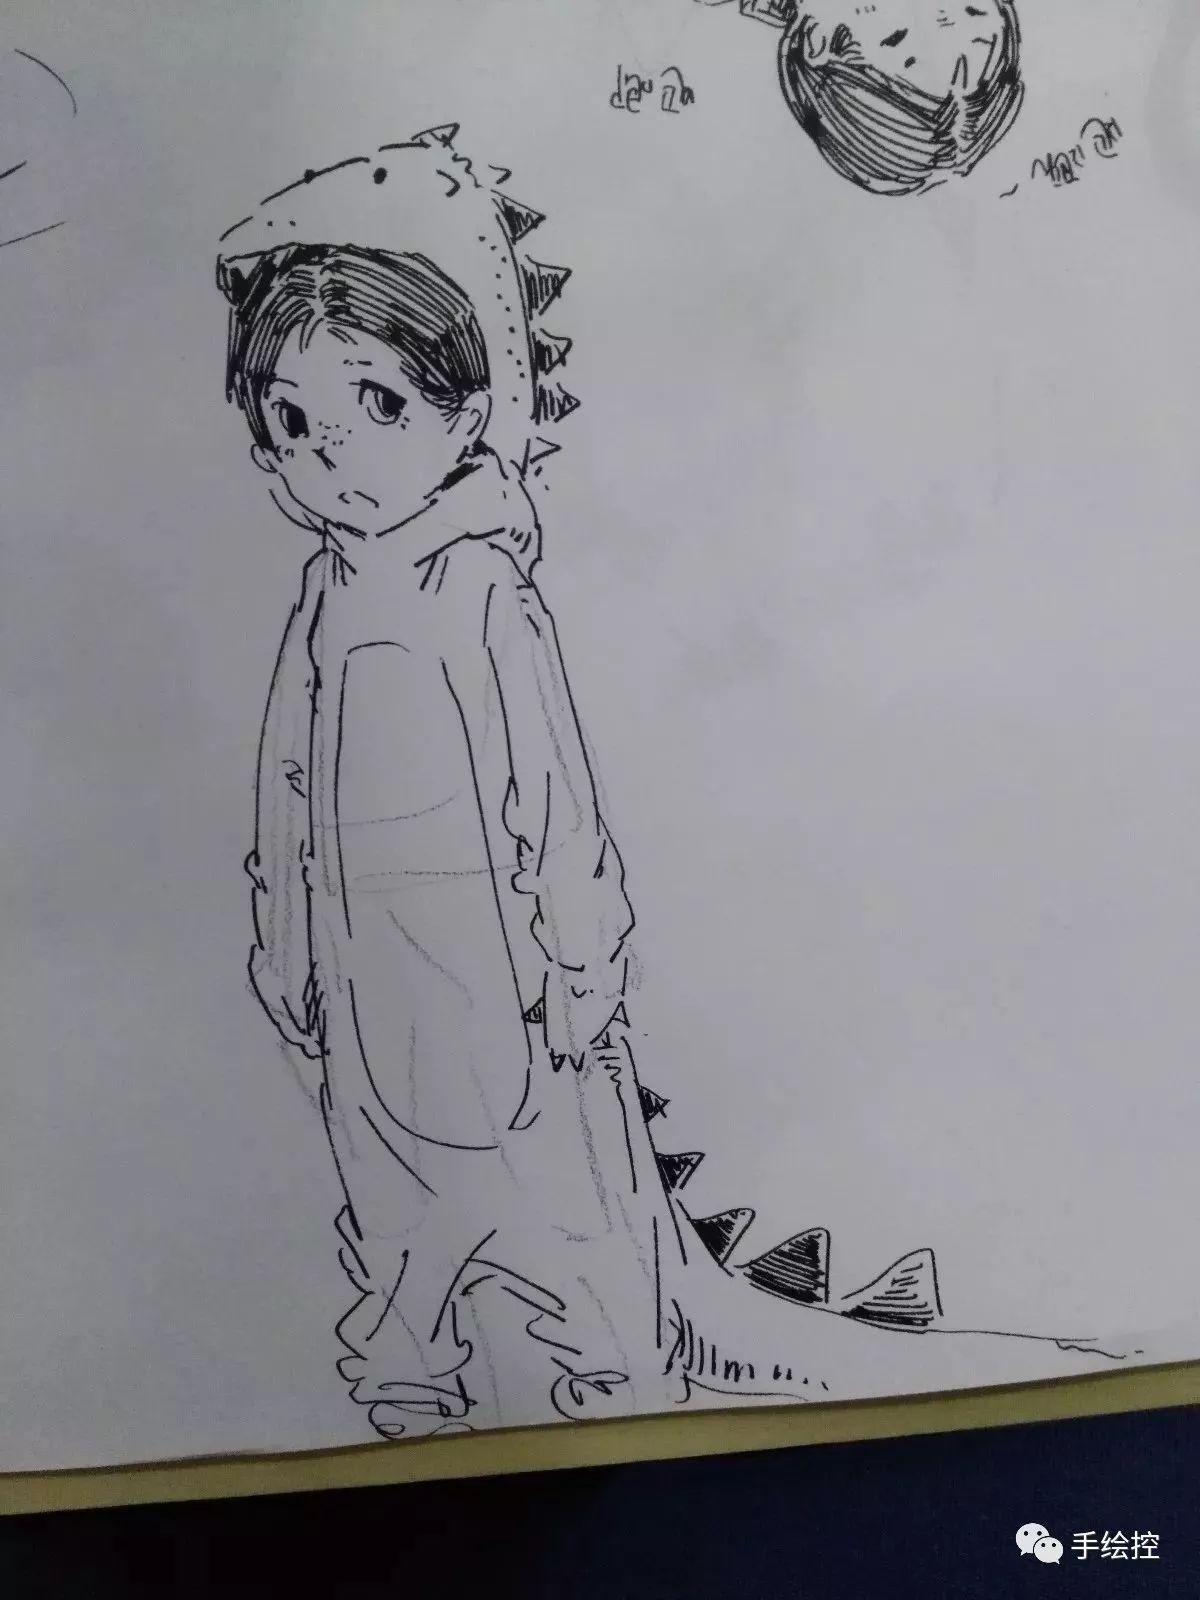 黑白手绘:让我们跨越黑白而乱舞_搜狐动漫_搜狐网